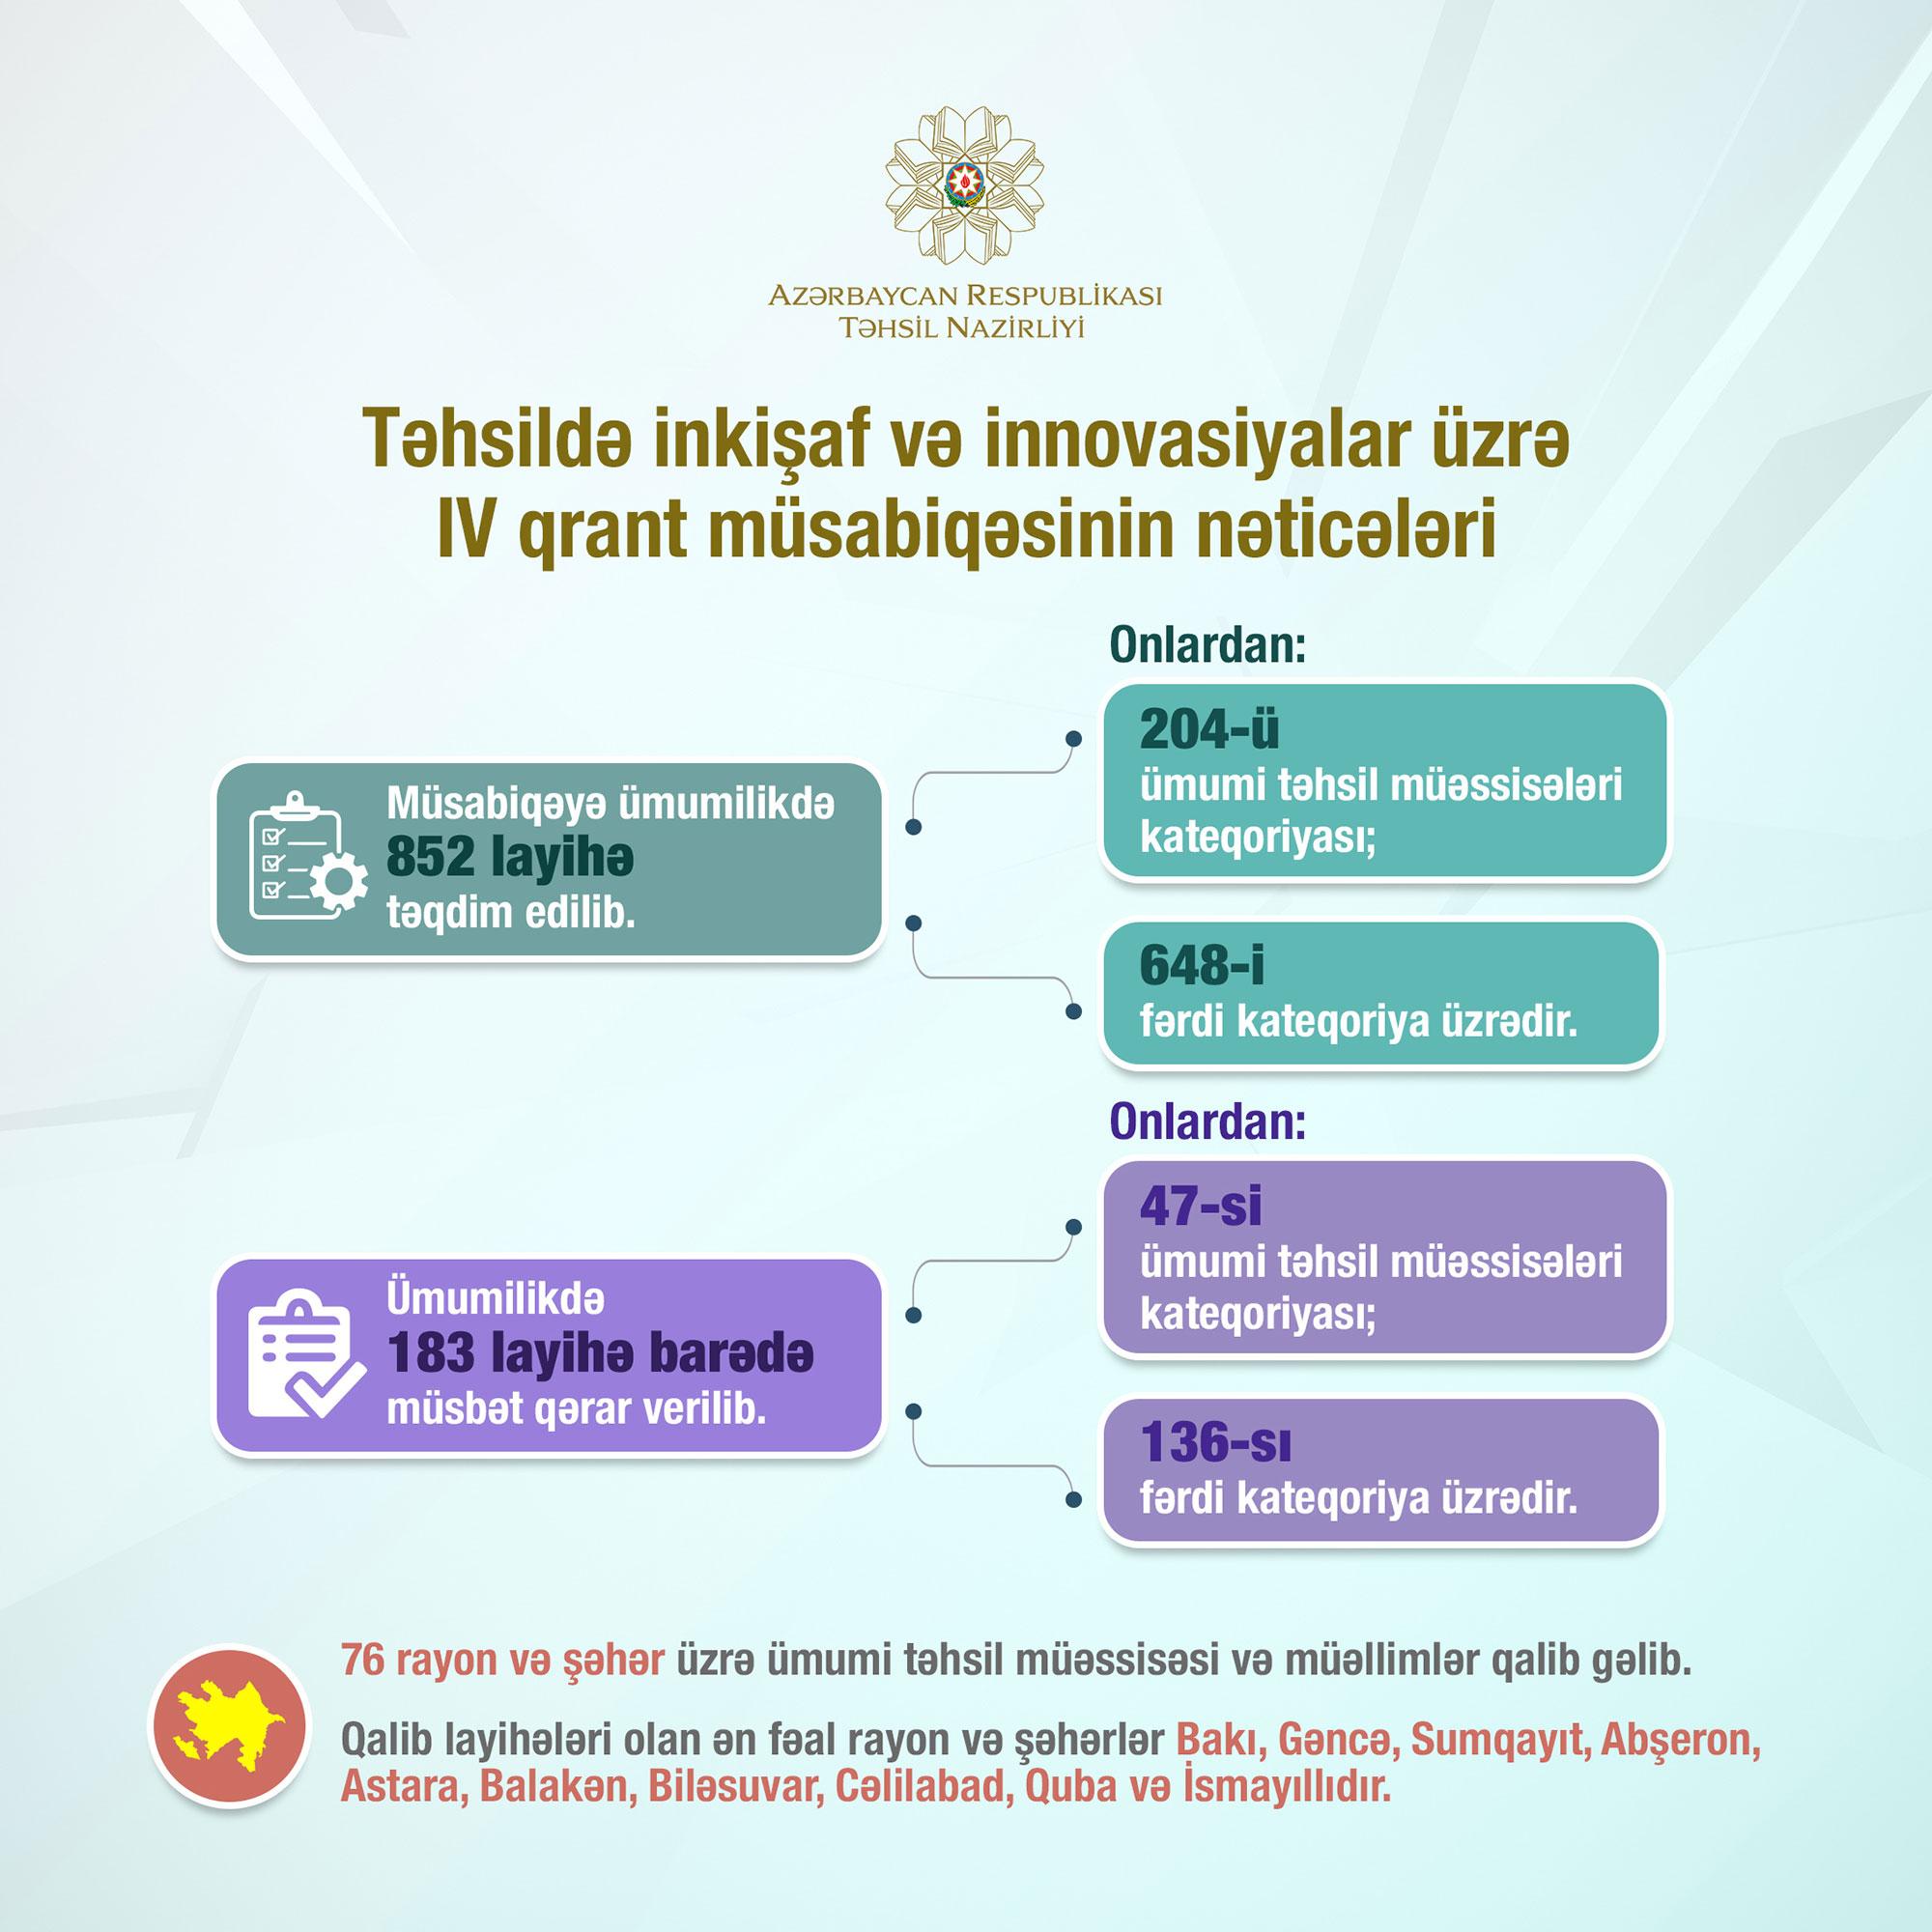 Təhsildə inkişaf və innovasiyalar üzrə IV qrant müsabiqəsinin nəticələri açıqlandı - Qaliblər